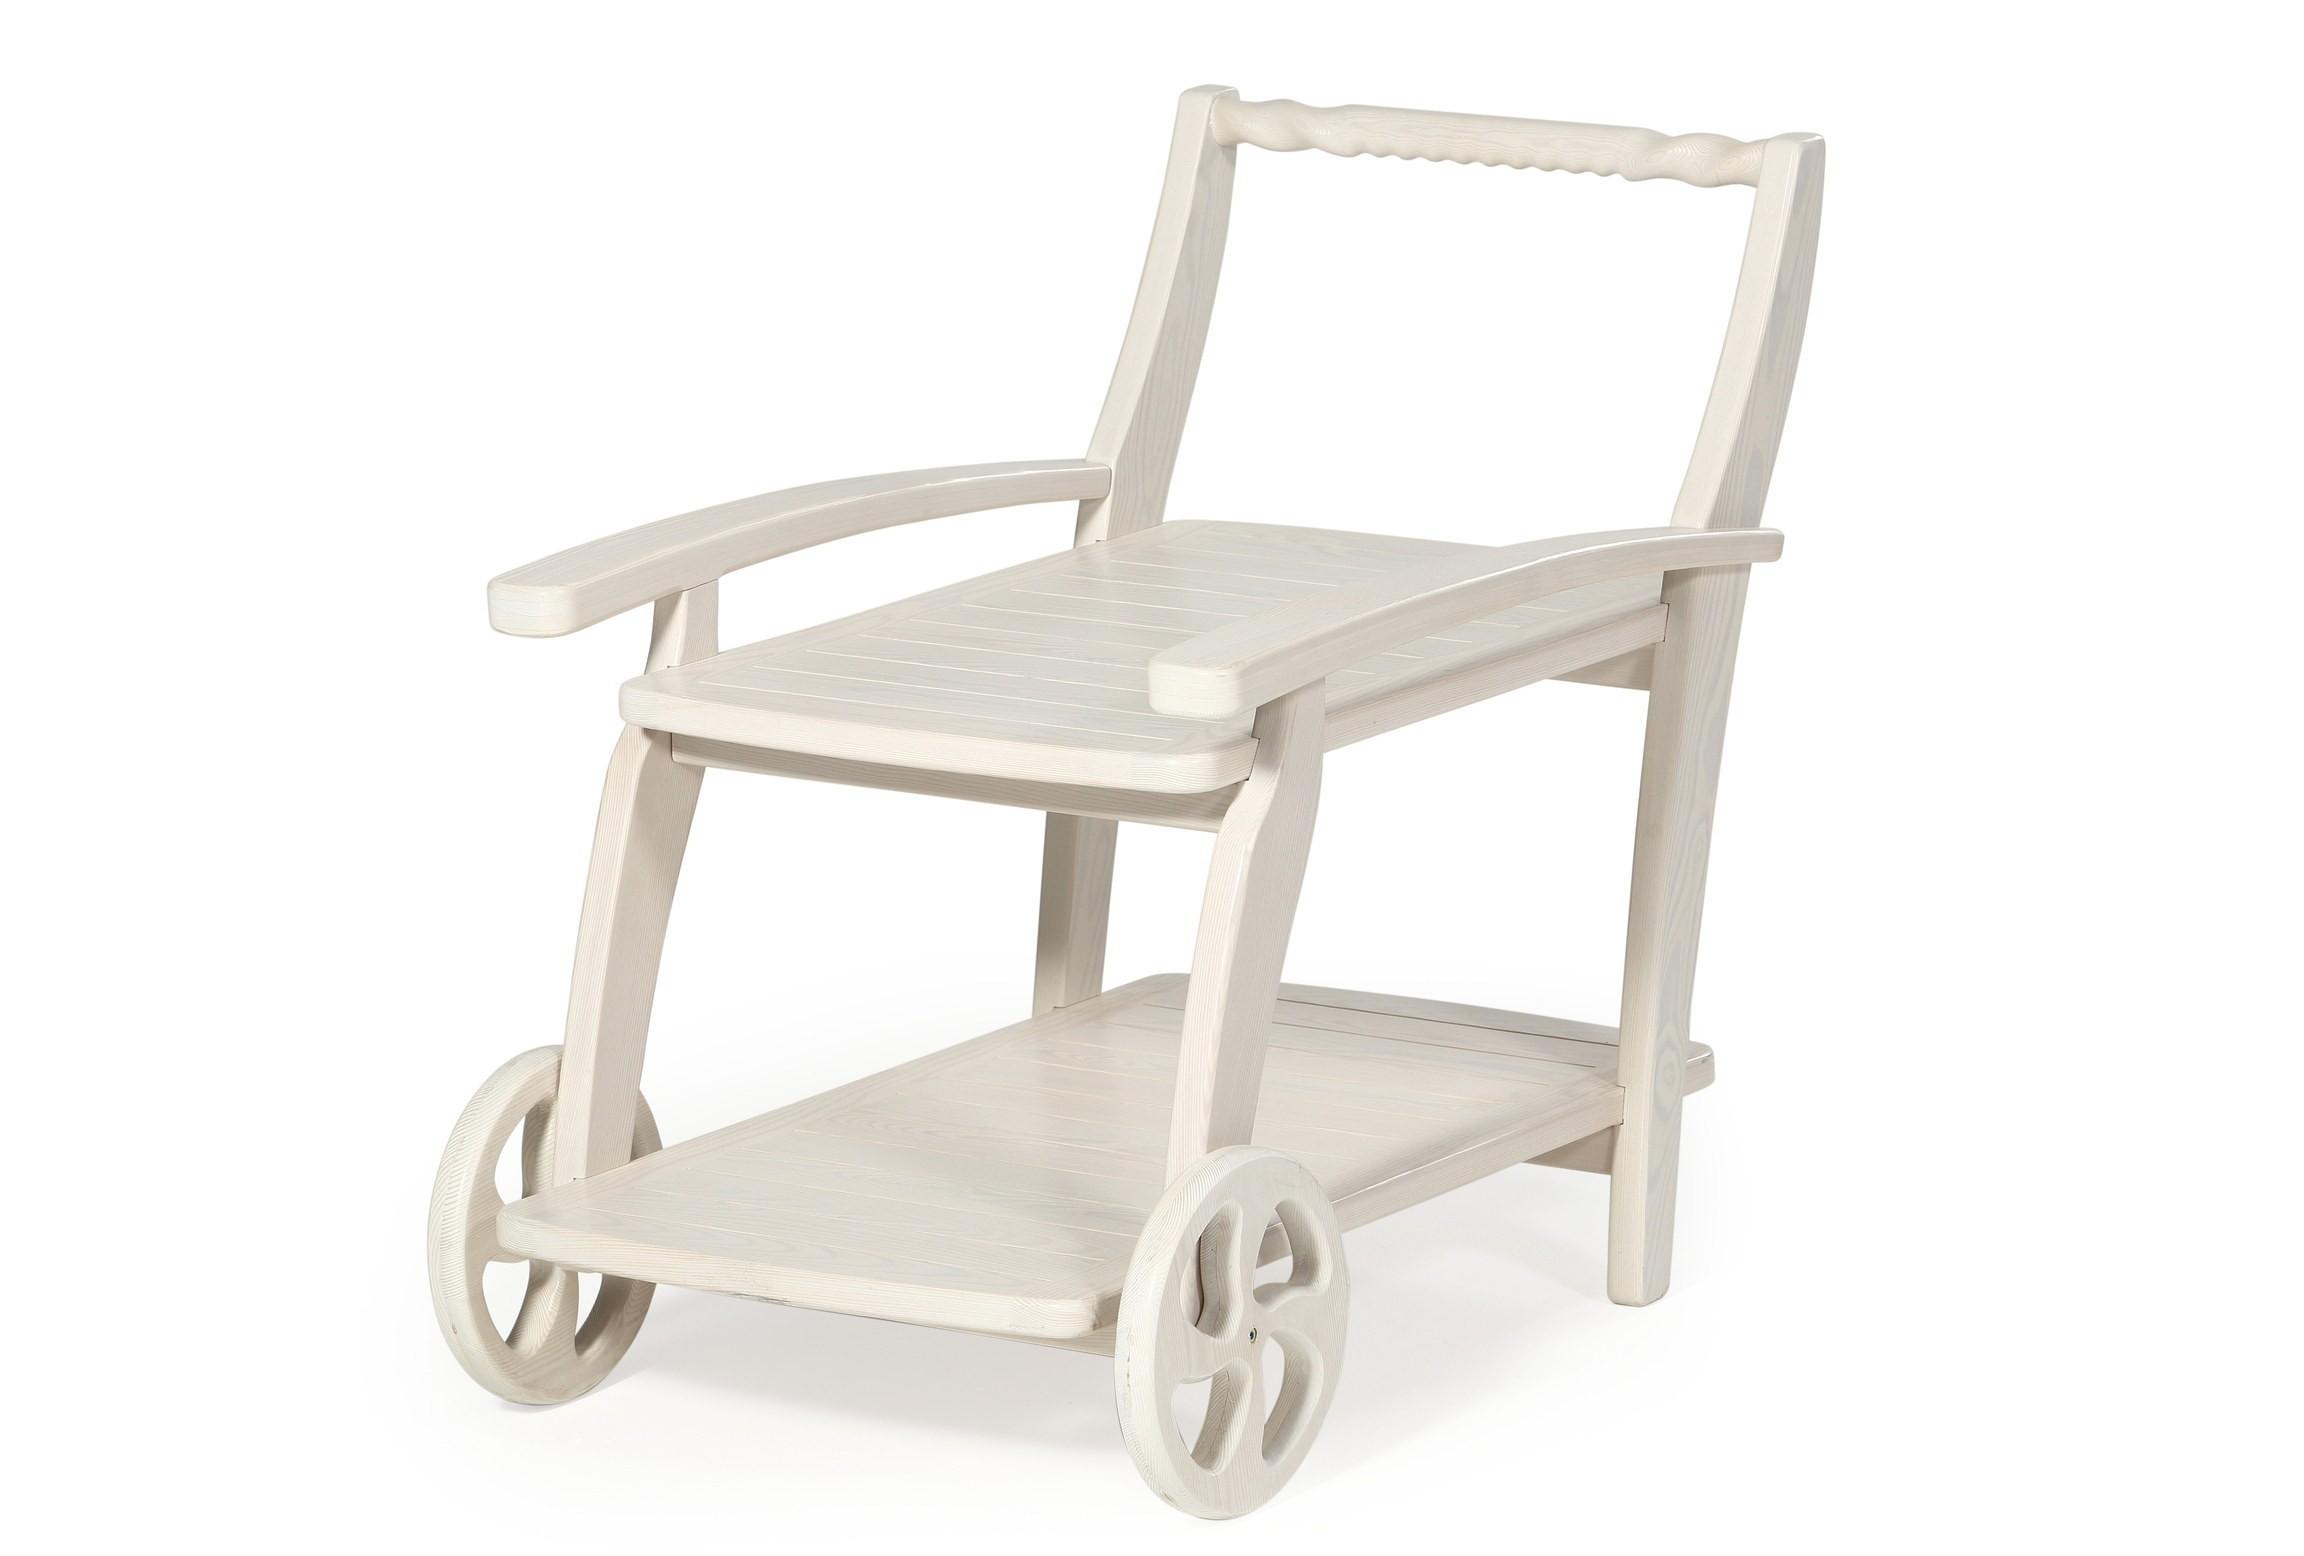 Стол сервировочный АристократСтолы и столики для сада<br>Изделие изготовлено из массива лиственницы.<br><br>Material: Дерево<br>Ширина см: 97<br>Высота см: 80<br>Глубина см: 61